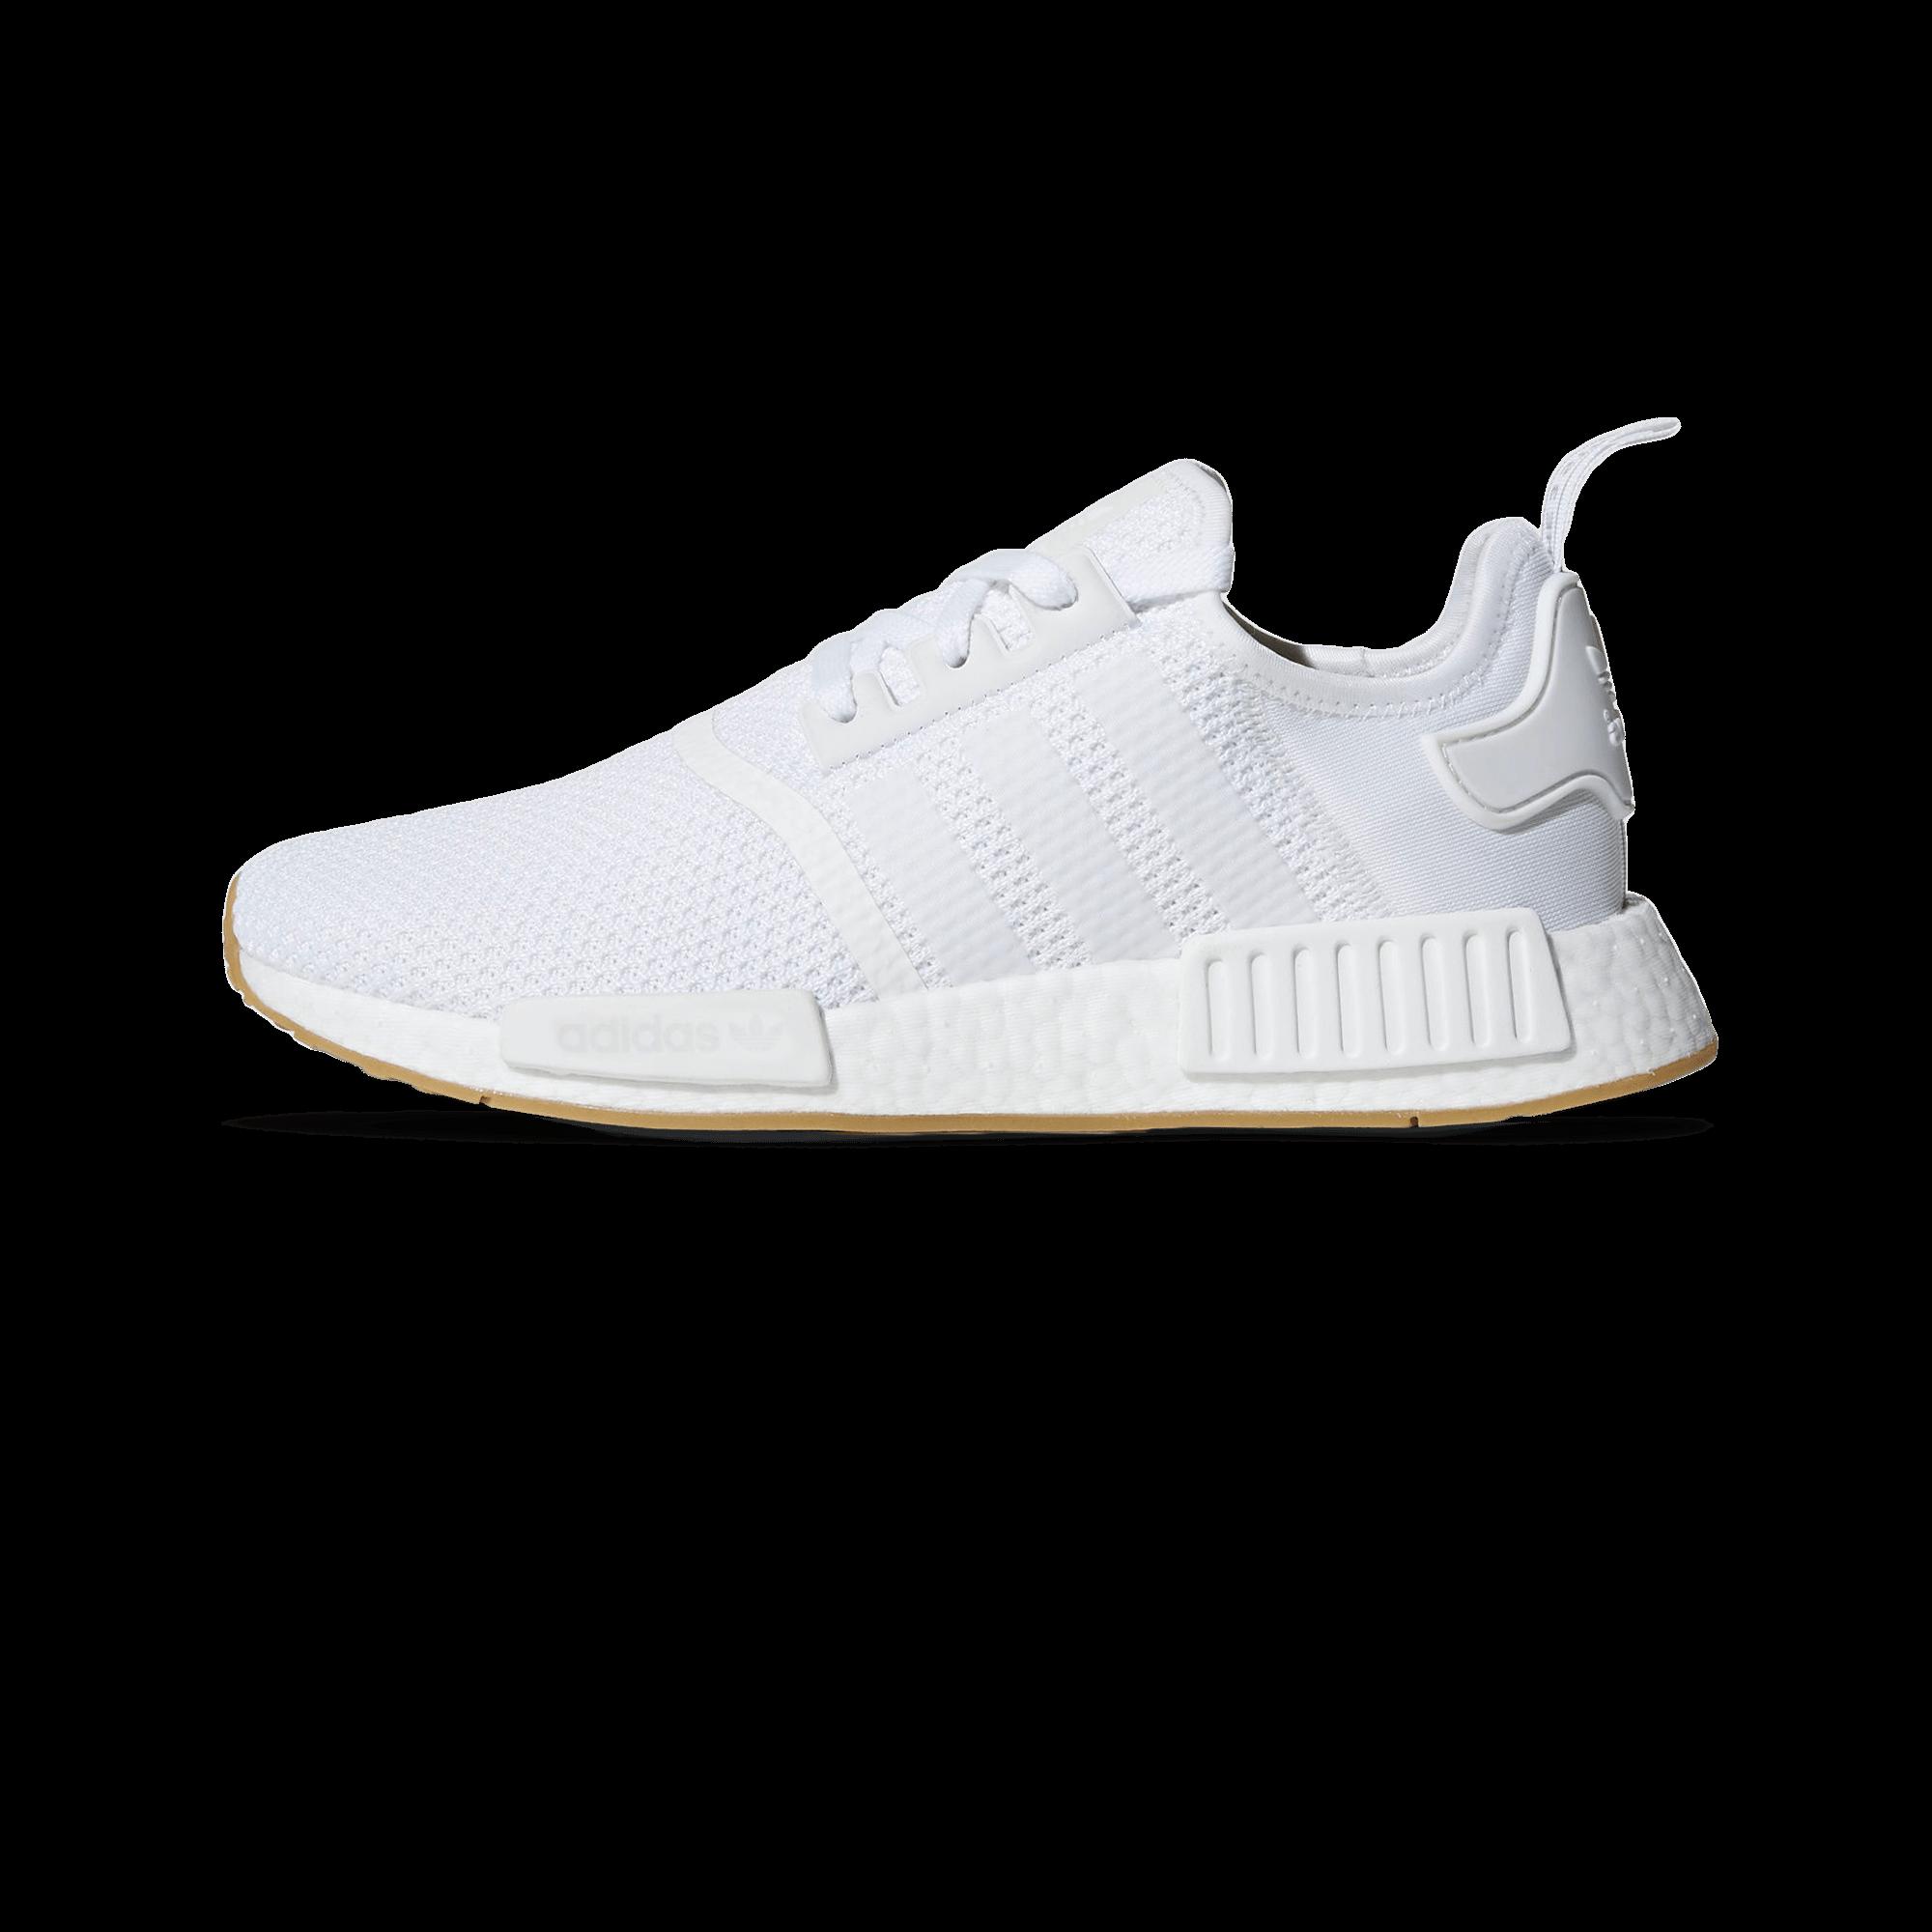 32cf3214c adidas NMD R1 white   gum - Men